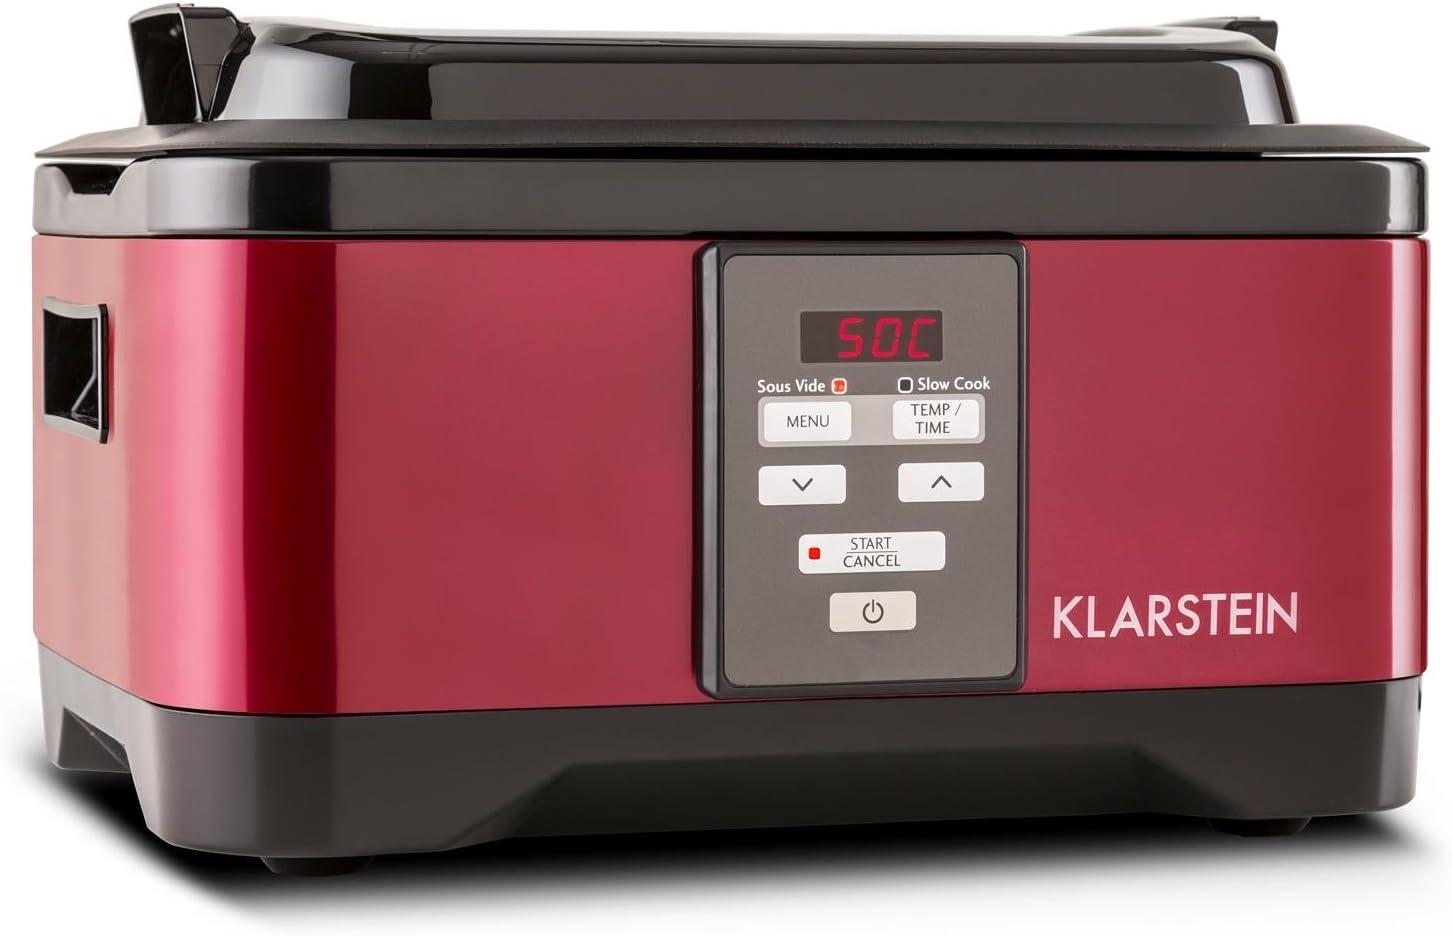 Klarstein Tastemaker - cocción Sous-Vide, olla de cocción lenta, olla de cocción al vacío, 6 l, 550 W, 40-90 ° C, Tiempo de cocción: 1-24 h, manejo táctil, tapa, acero inoxidable, rojo: Amazon.es: Hogar